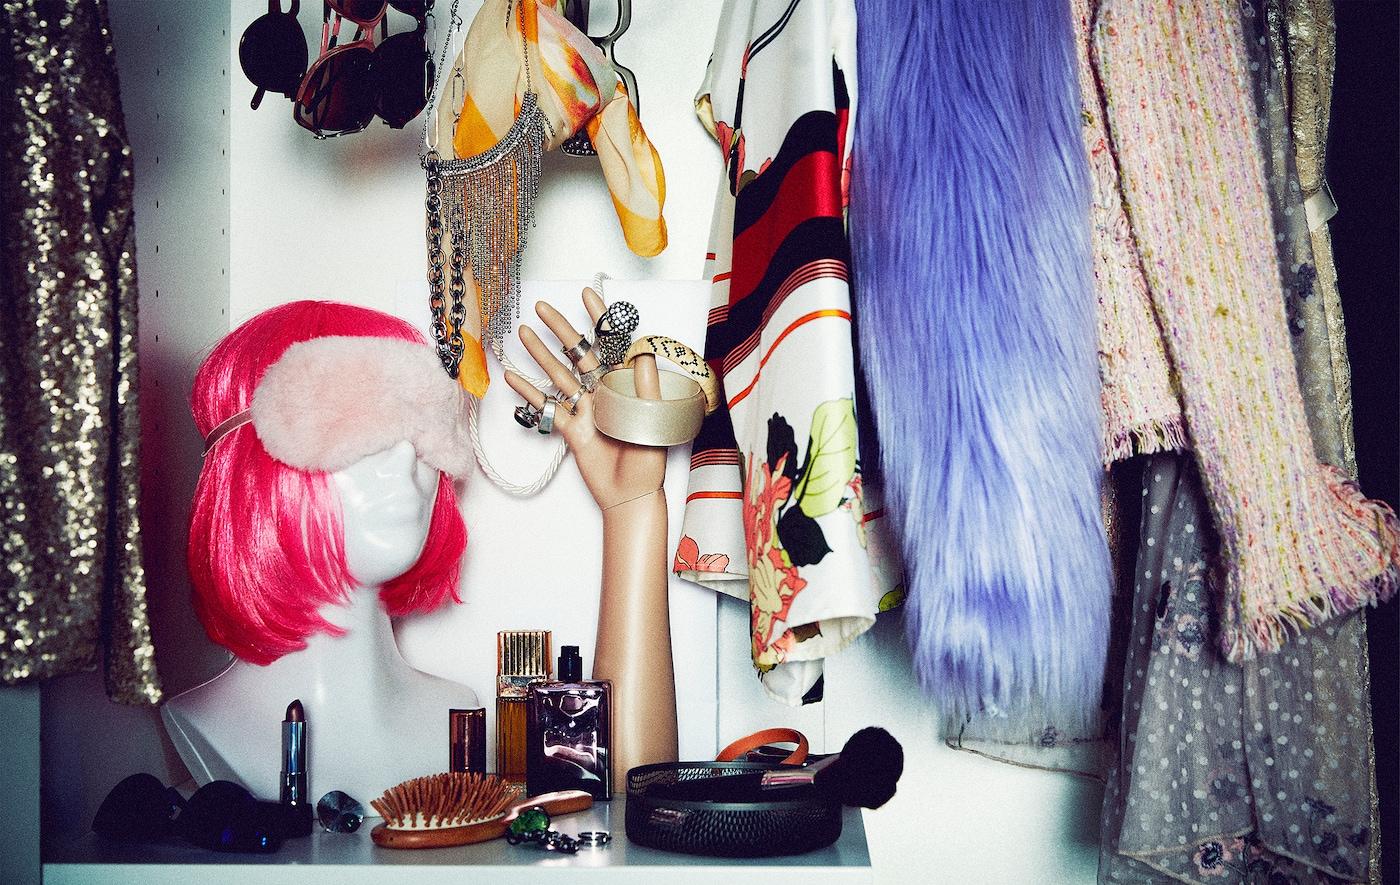 قسم من دولاب الملابس مملوء بملابس الحفلات وبالإكسسوارات؛ تمثال نصفي مع شعر مستعار بلون فاقع، يد عارضة أزياء عليها خواتم.